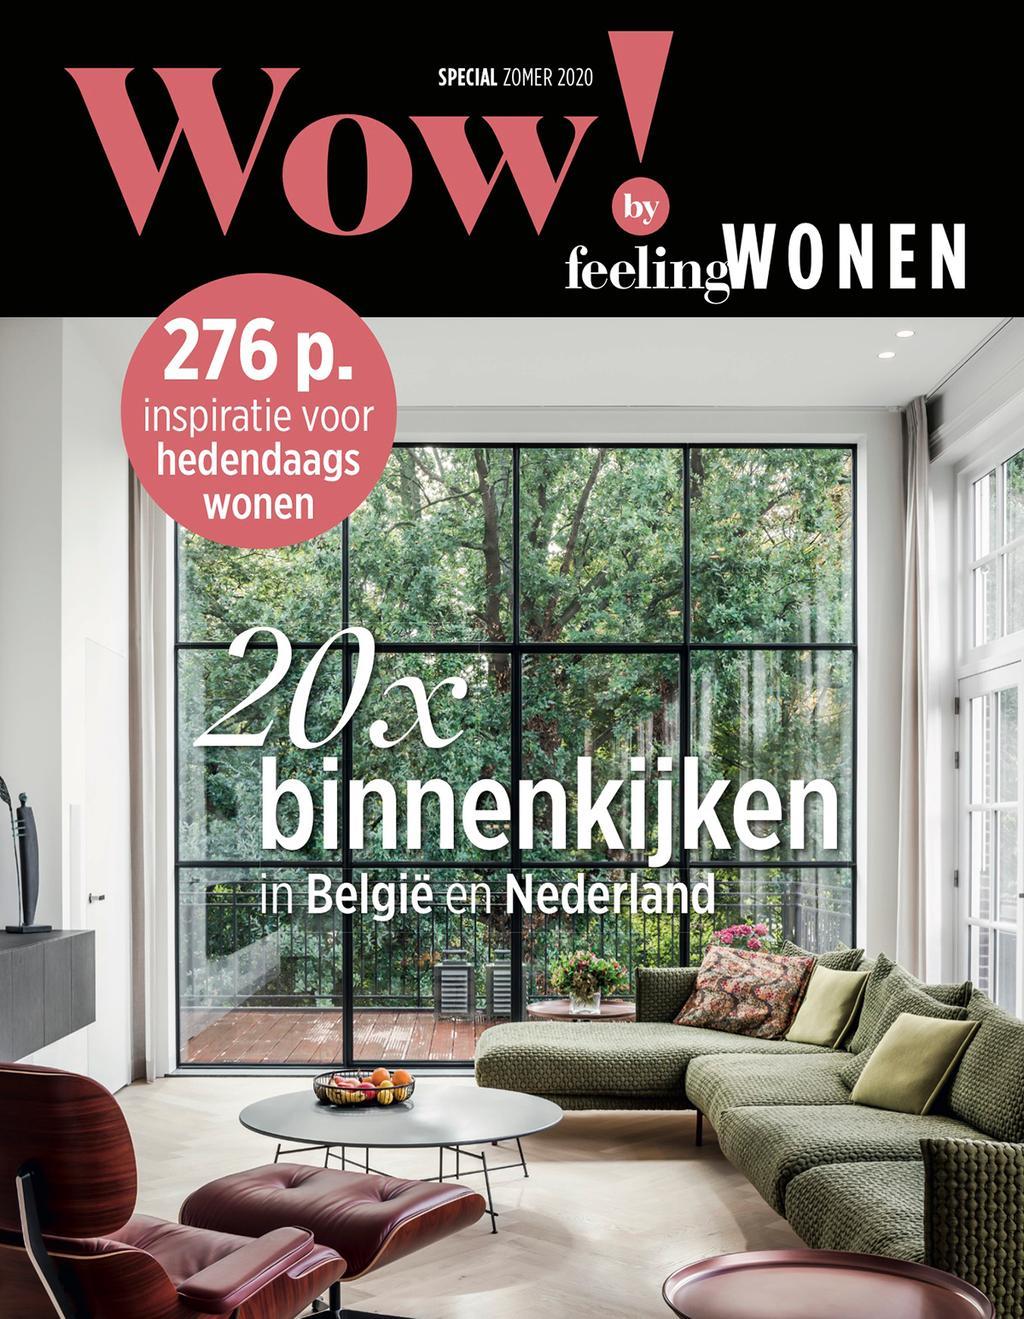 Wow! by Feeling Wonen